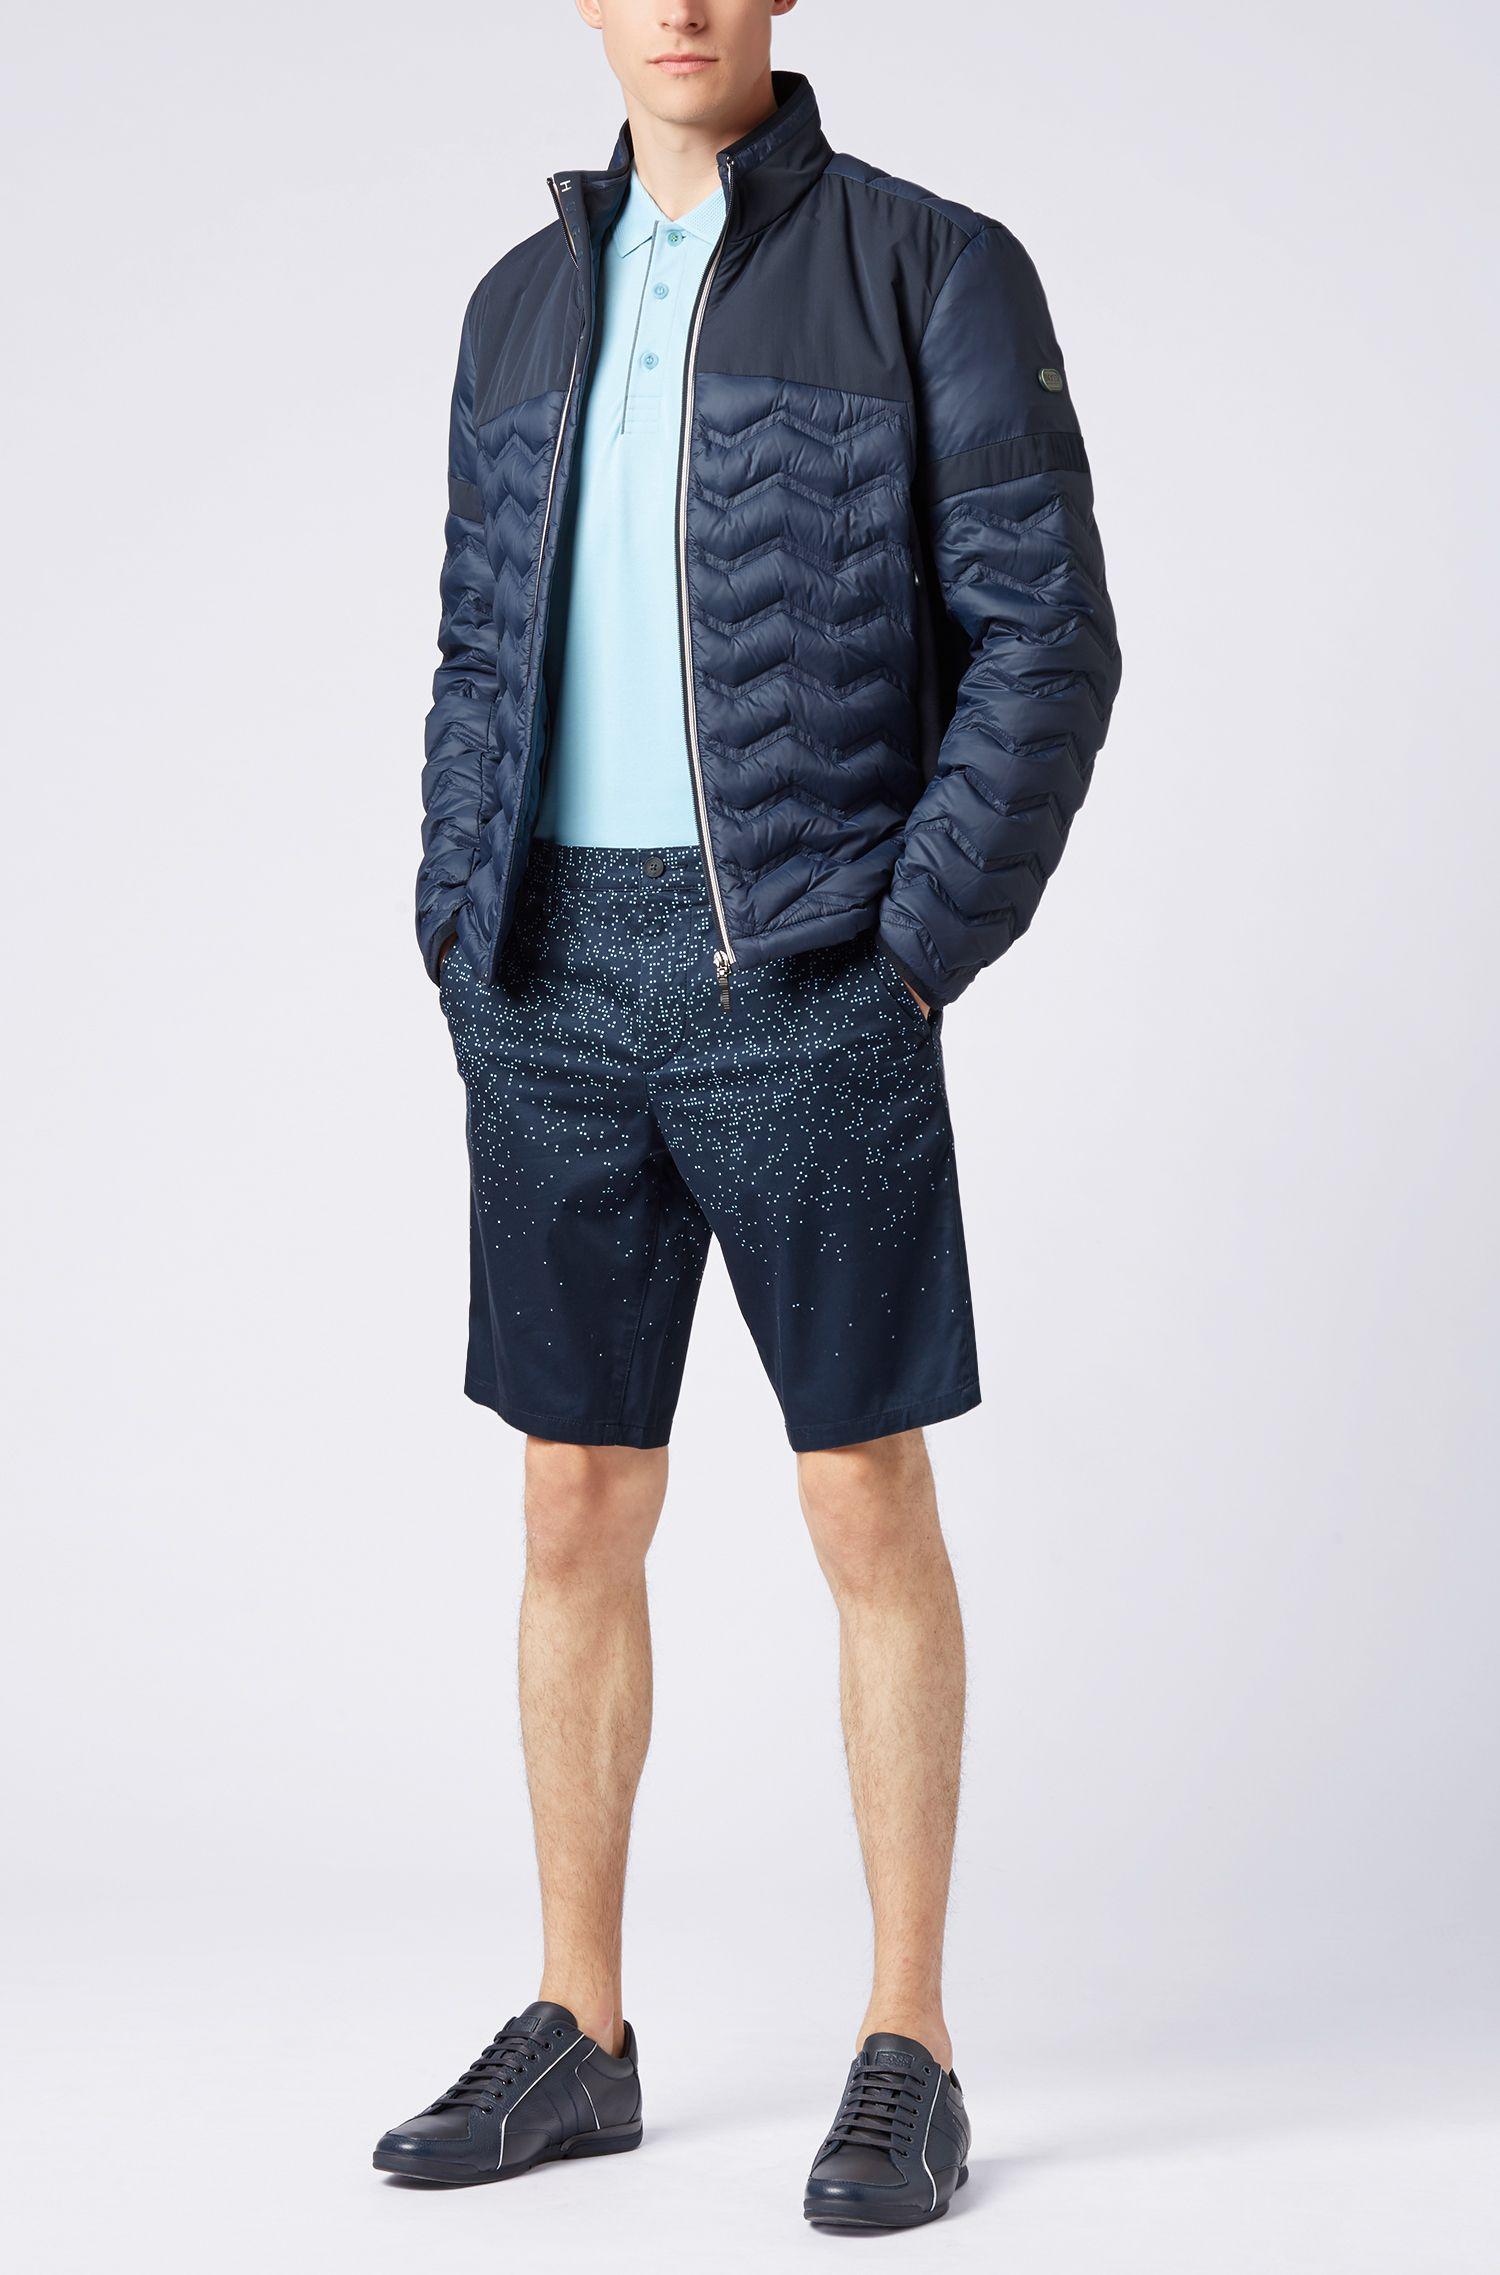 Pantaloncini slim fit in cotone elasticizzato con stampa digitale, Blu scuro